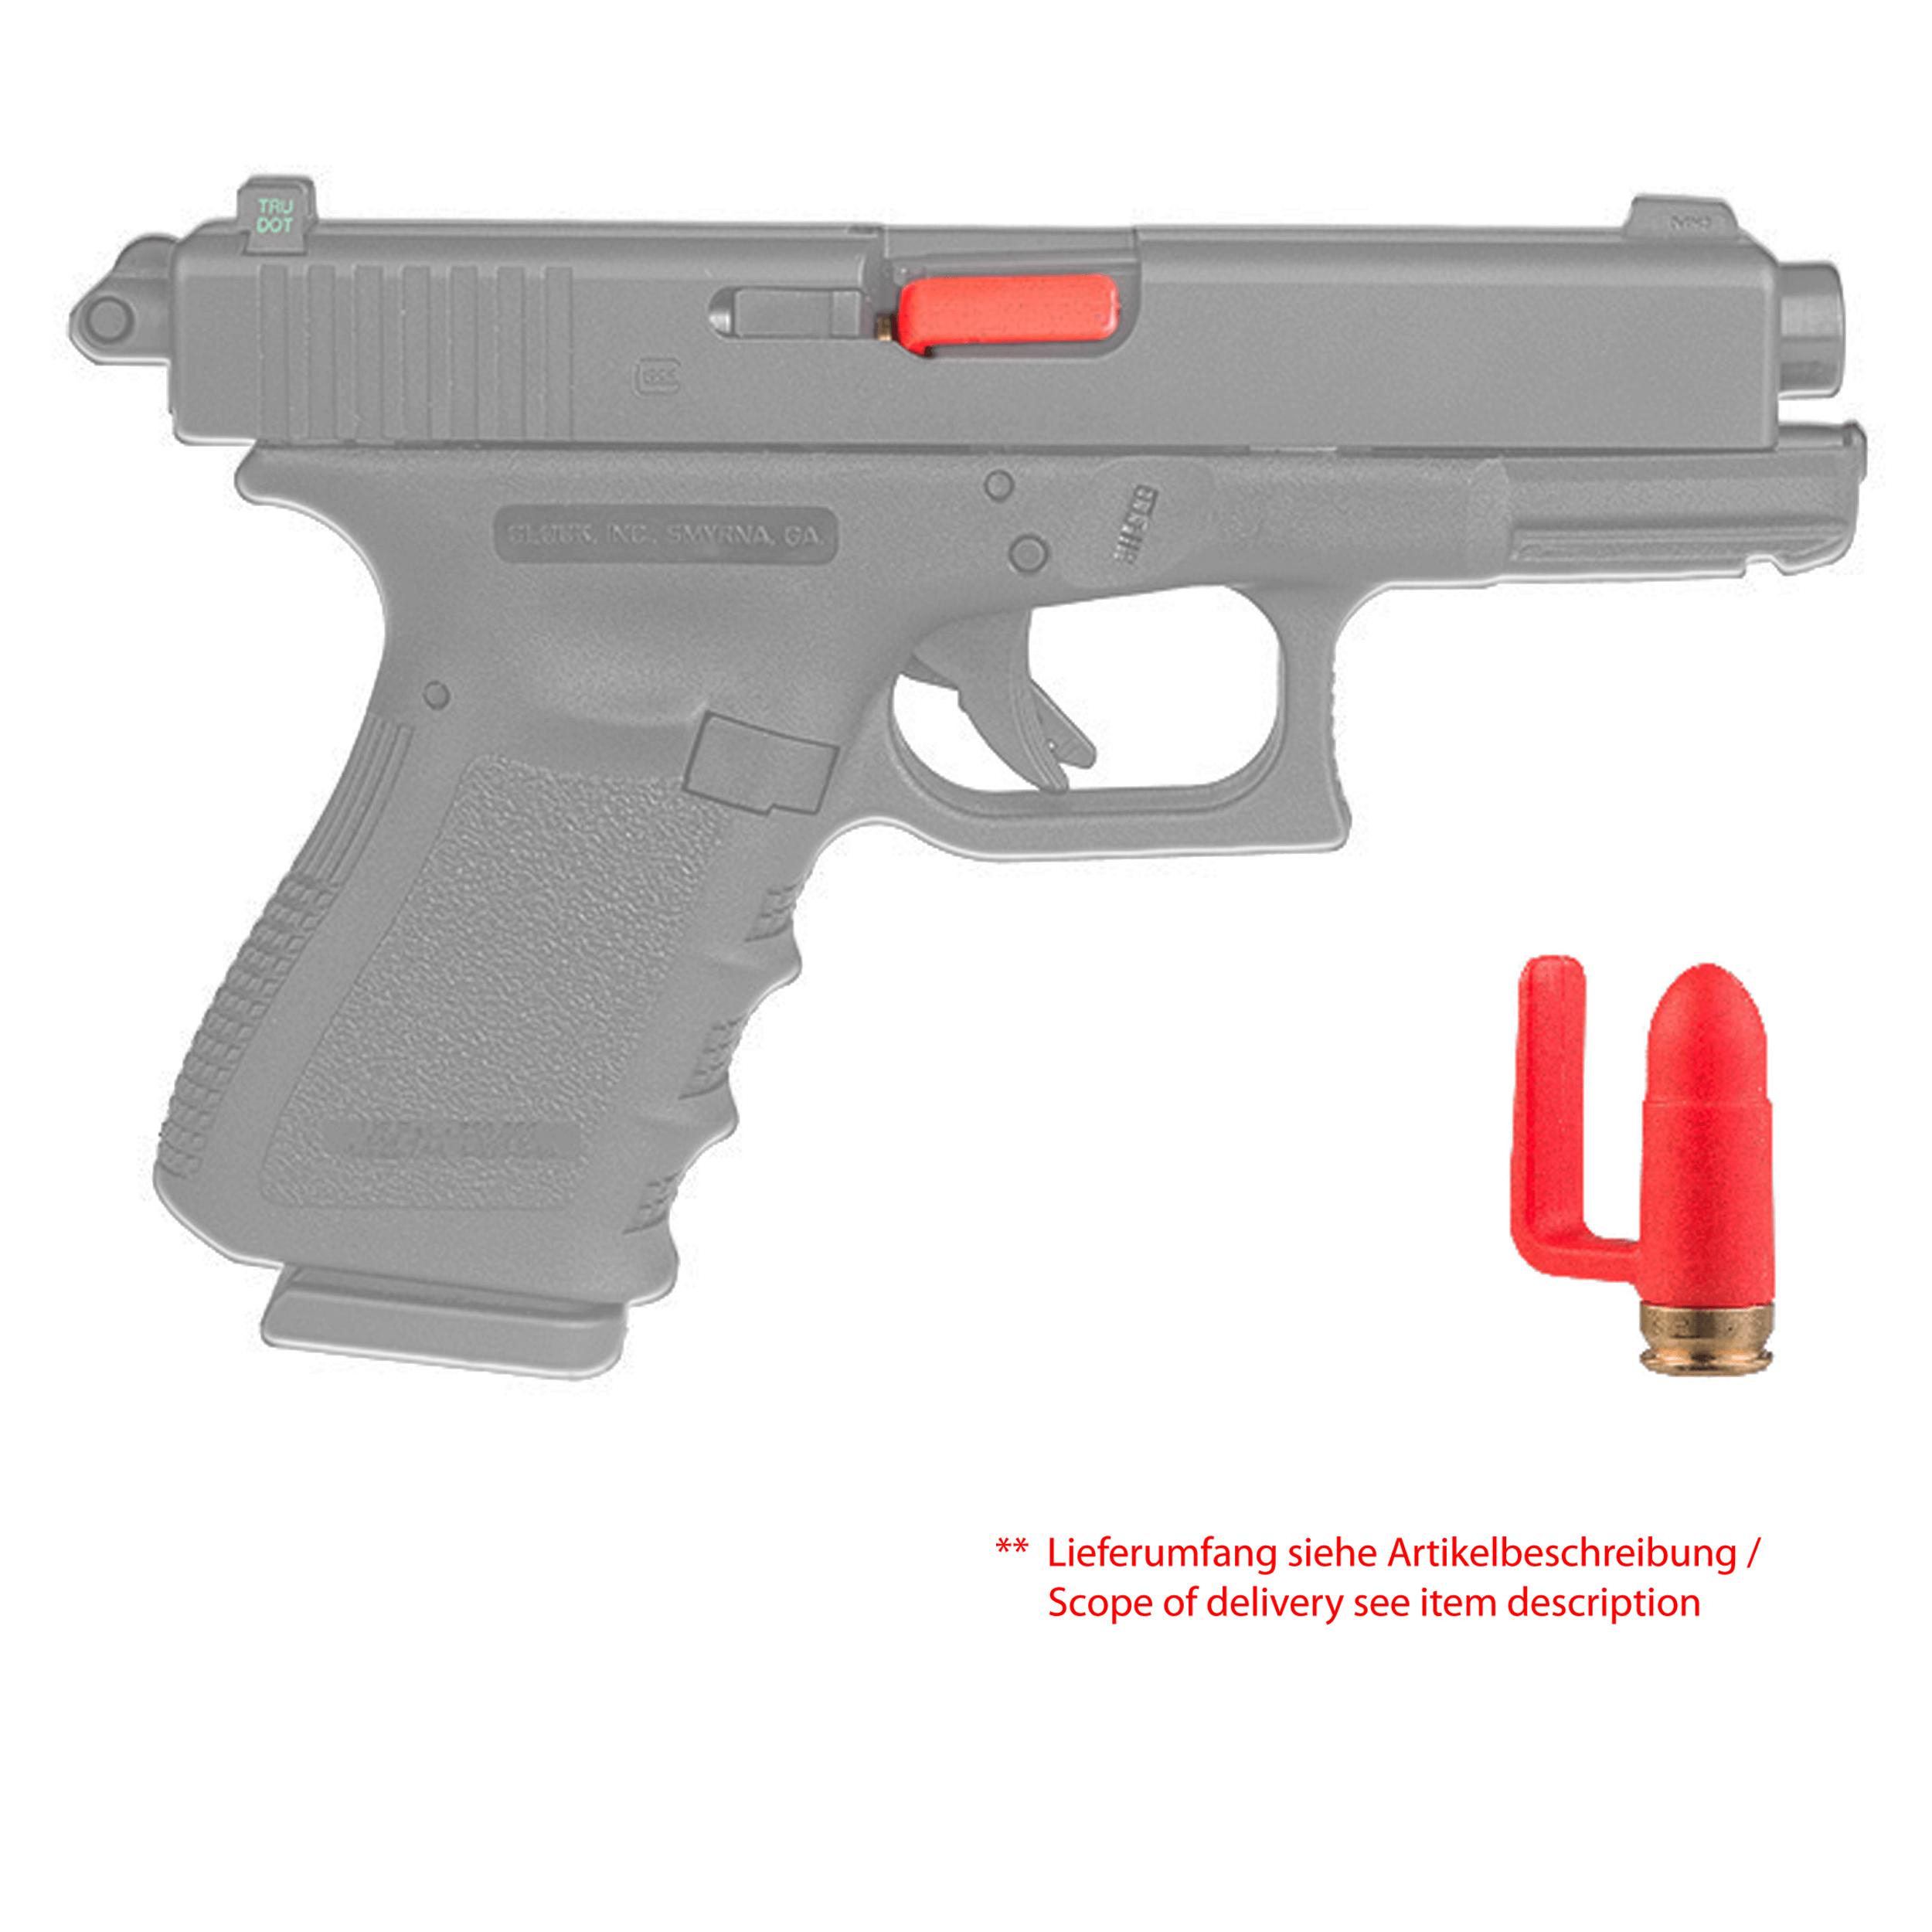 Tactical Barrel Blocker in Calibre 9mm (5 Pieces)